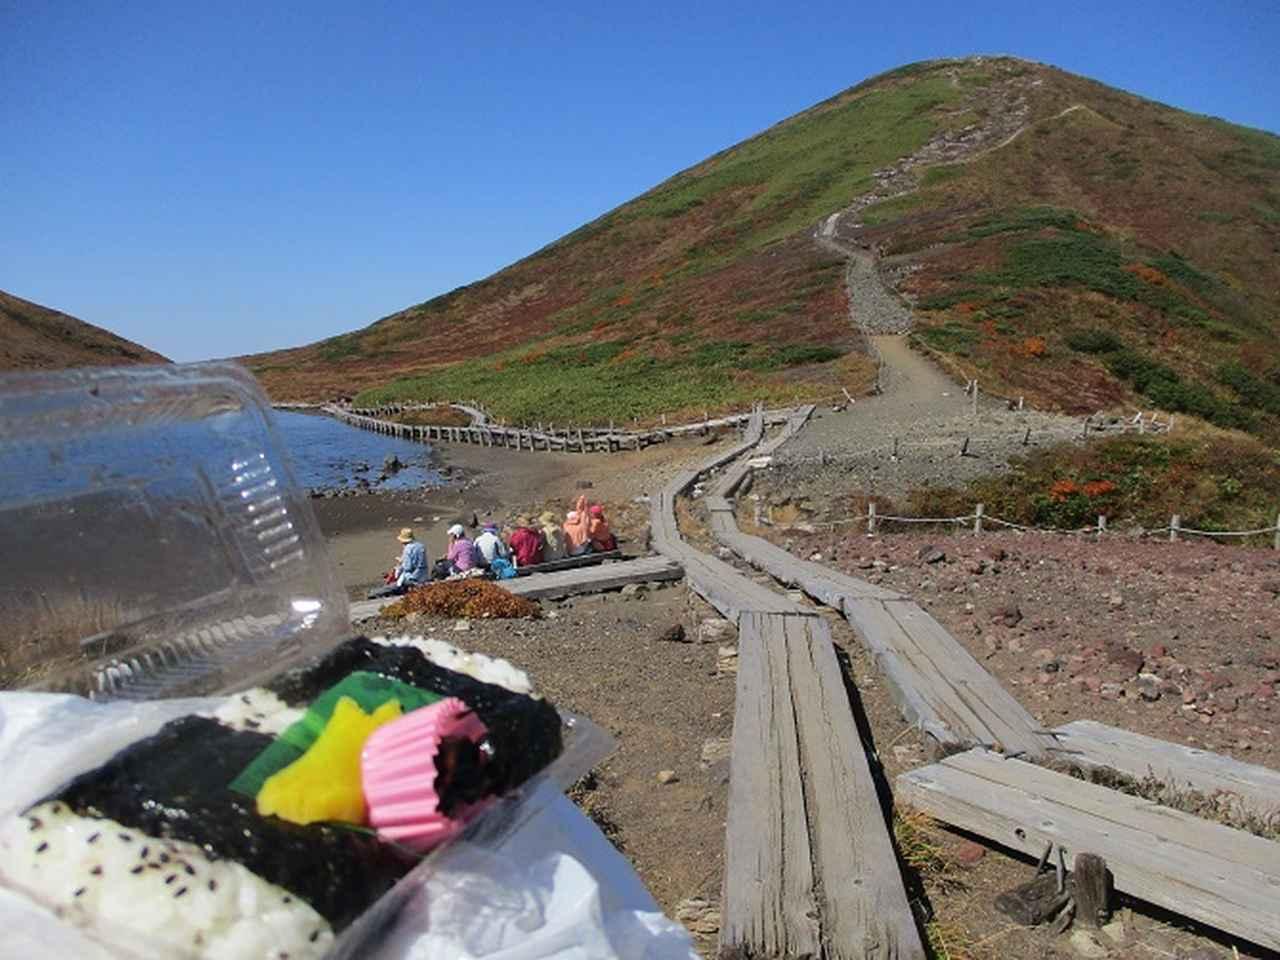 画像7: 9月30日から山旅会 「八幡平・秋田駒ヶ岳」 ツアーに行ってきました!